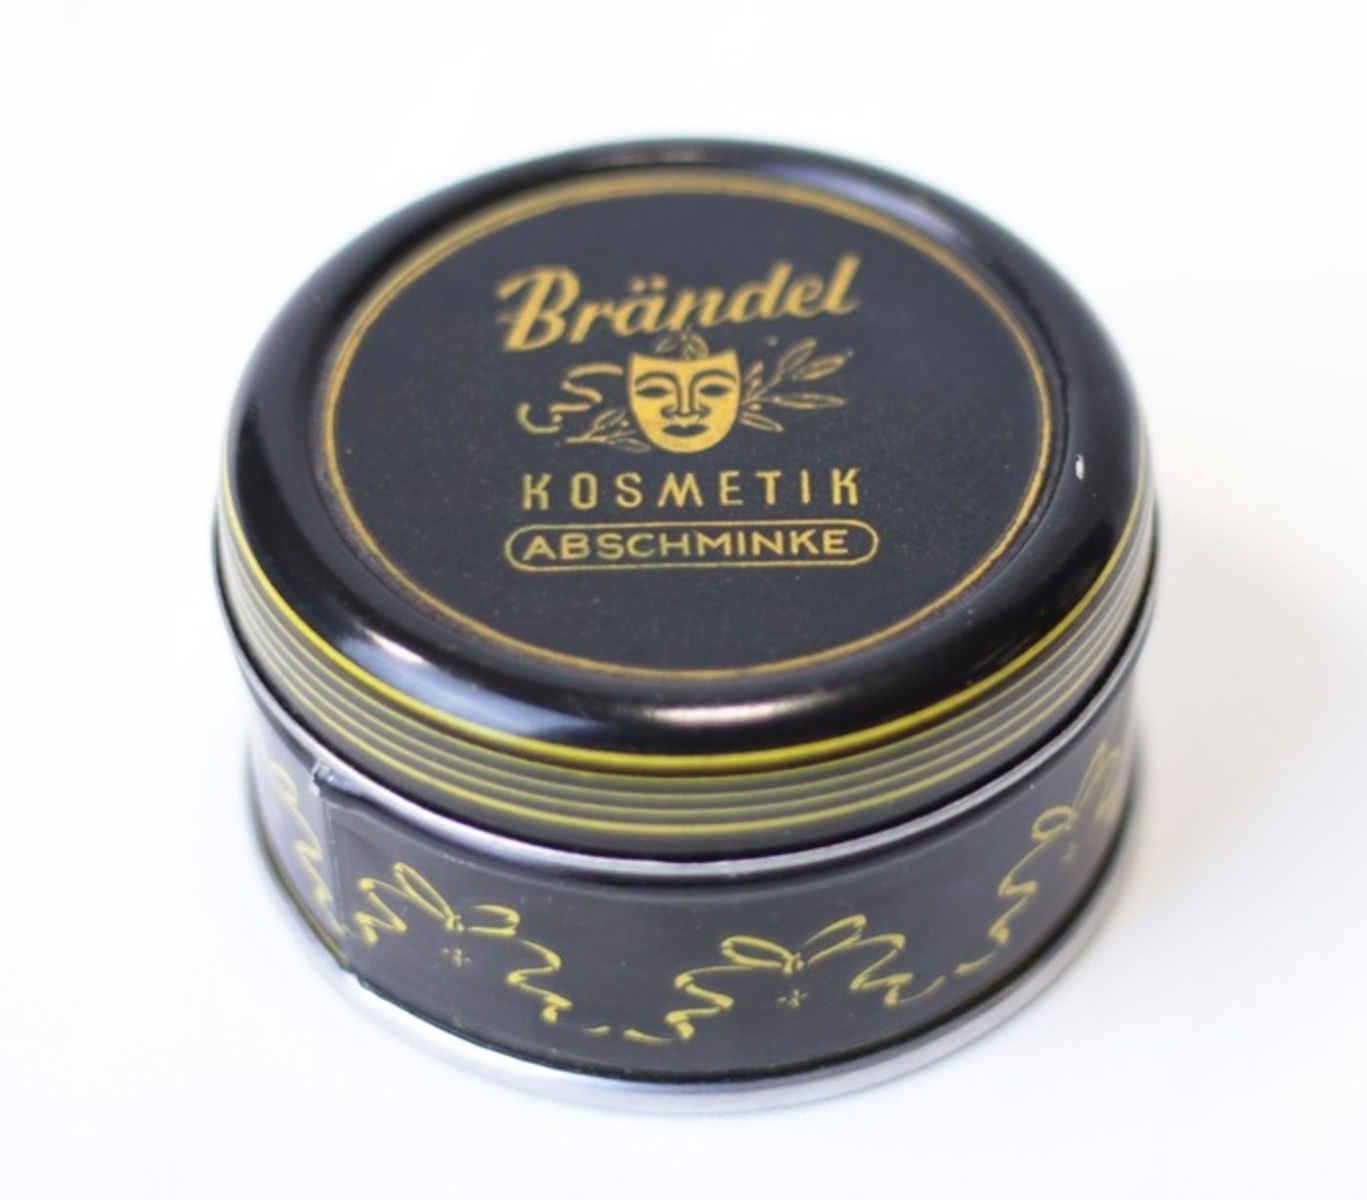 braendel-kosmetik-abschminke-02.jpg